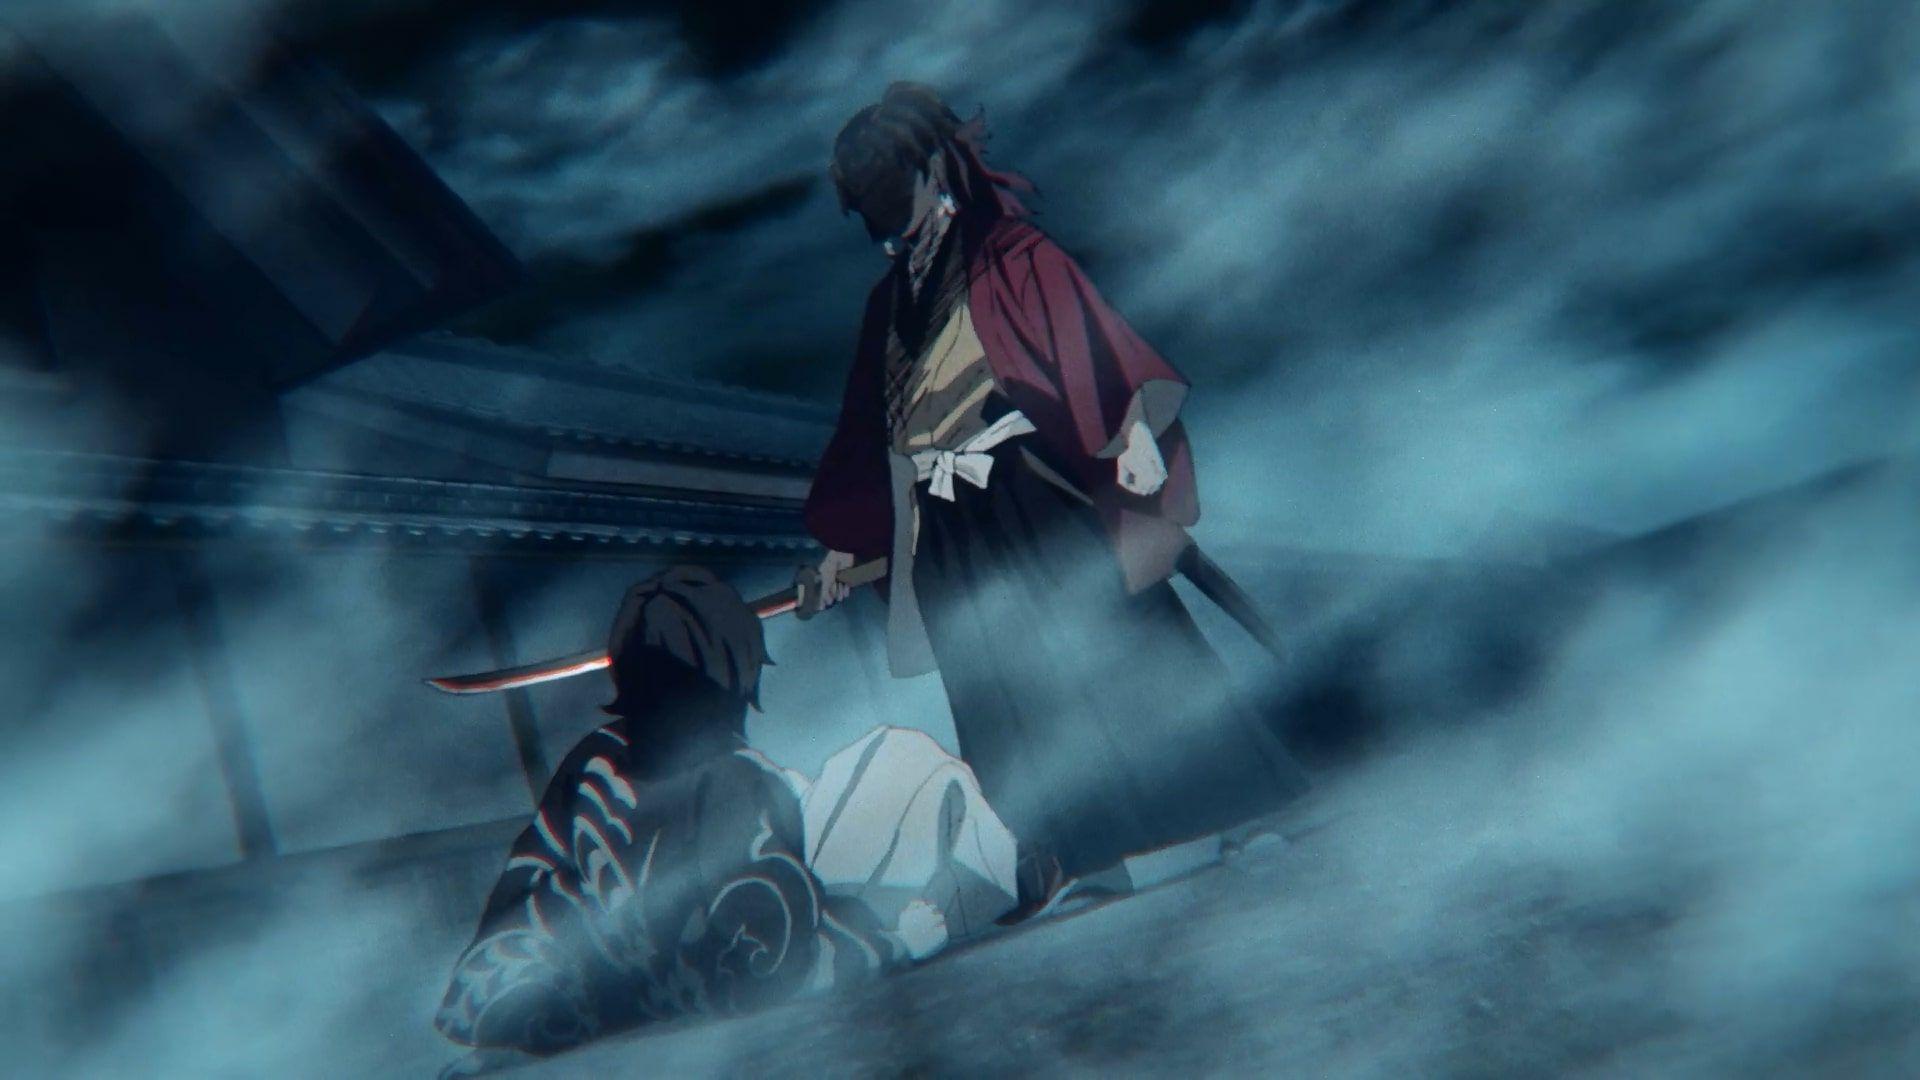 Why Does Muzan Want to Kill Tanjiro